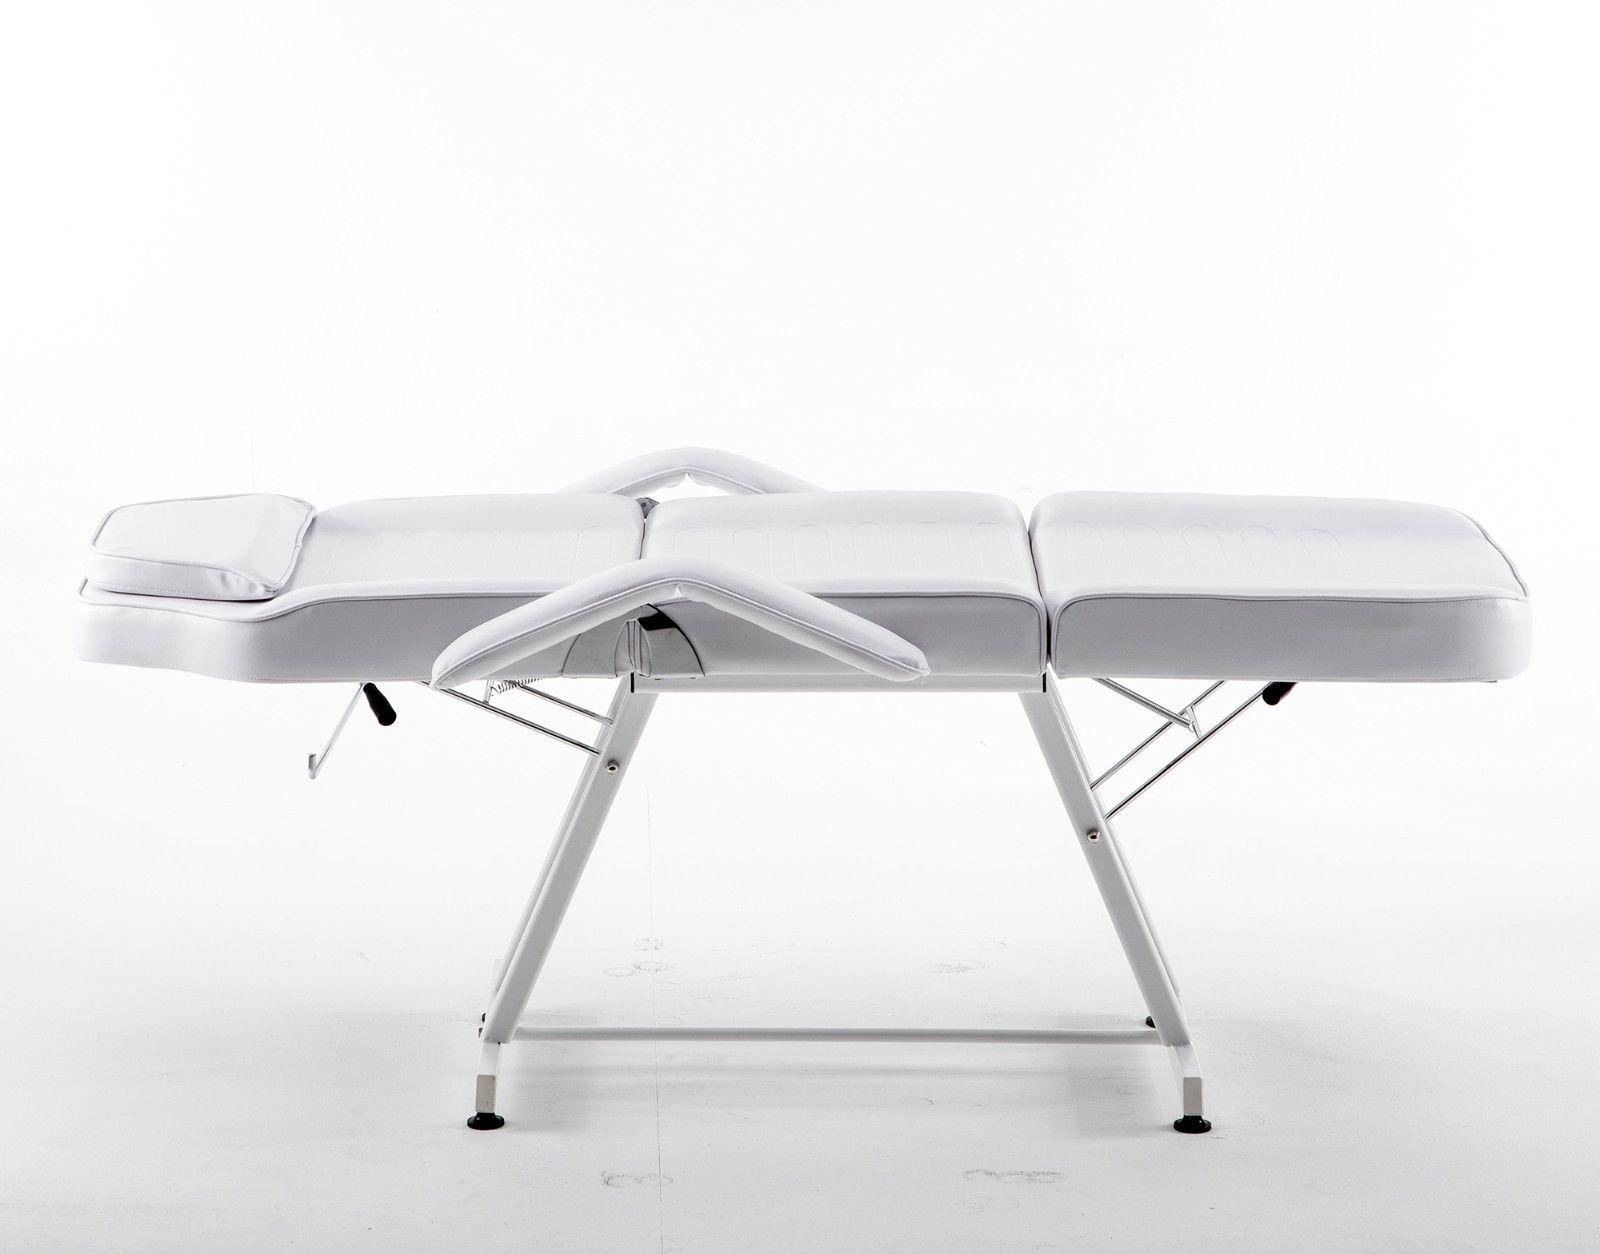 Barberpub-Kosmetikliege-Therapieliege-Massageliege-Tattooliege-Kosmetikstuhl